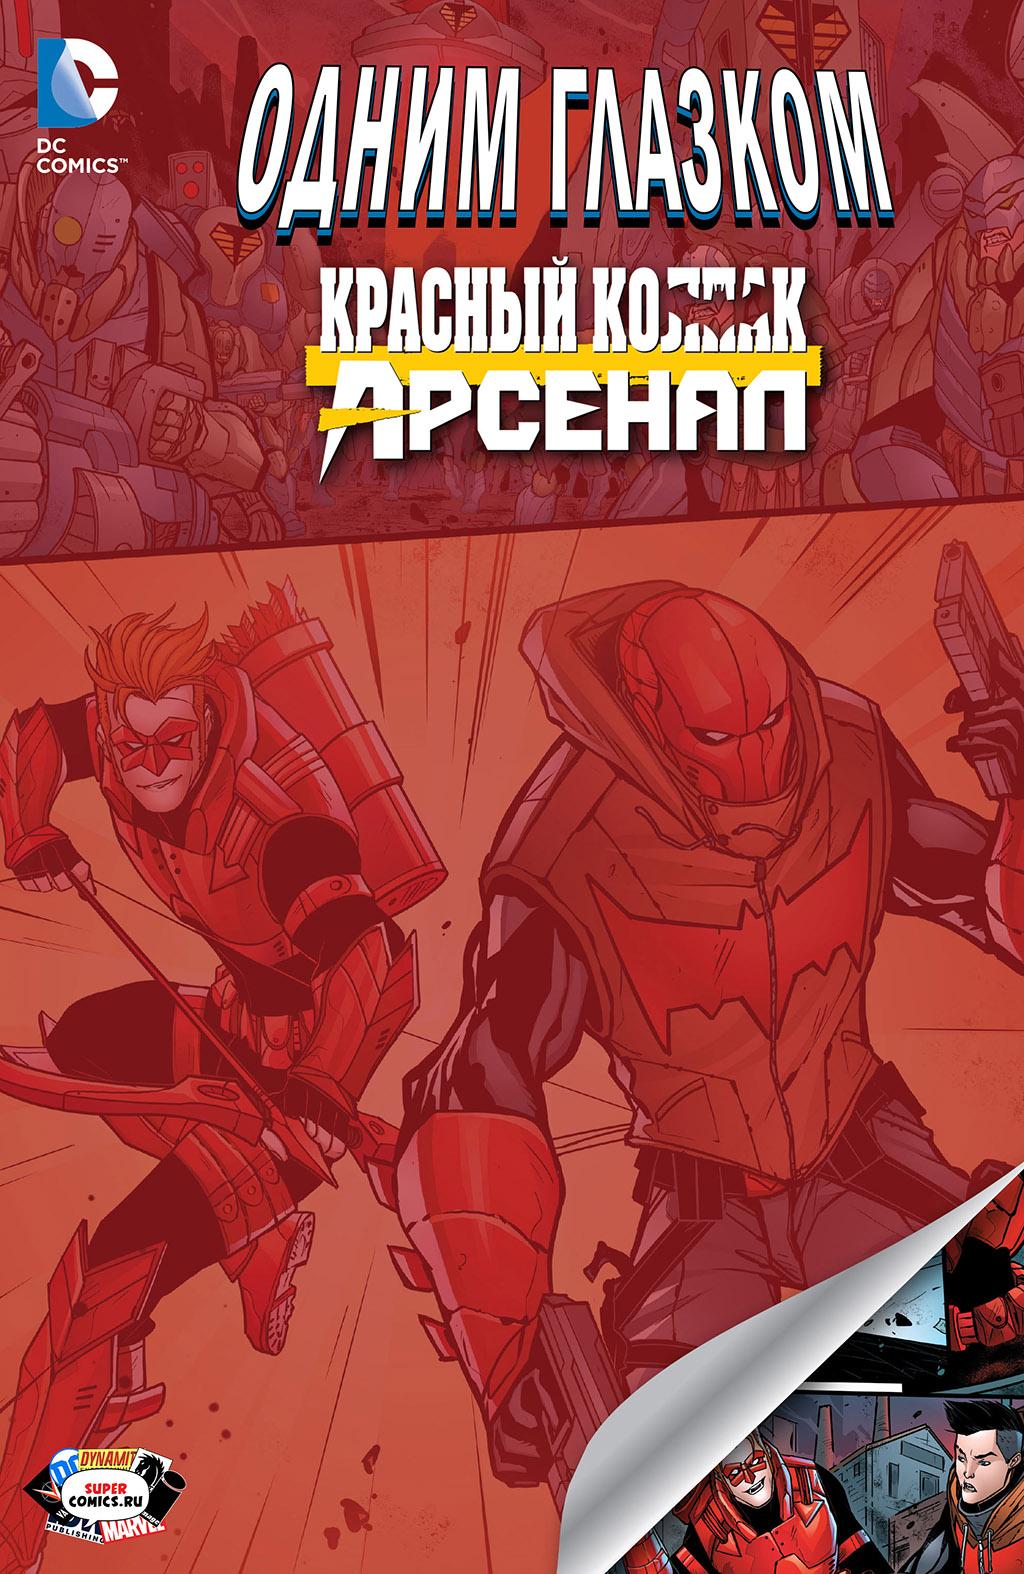 Комикс Красный Колпак: Арсенал